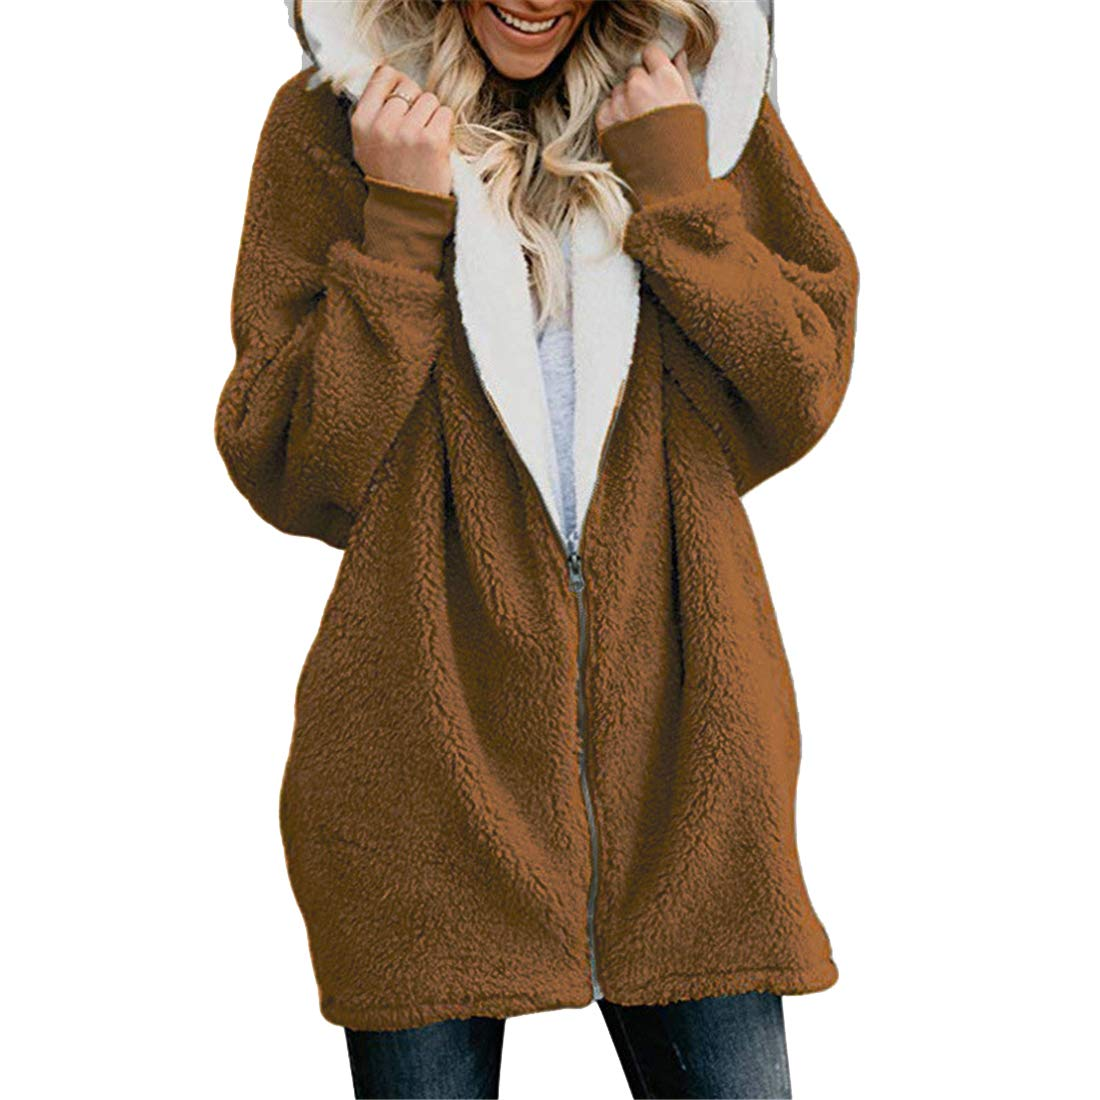 Jofemuho Womens Fluffy Plus Size Casual Loose Fit Hoodie Hooded Sweatshirt Coat Jacket